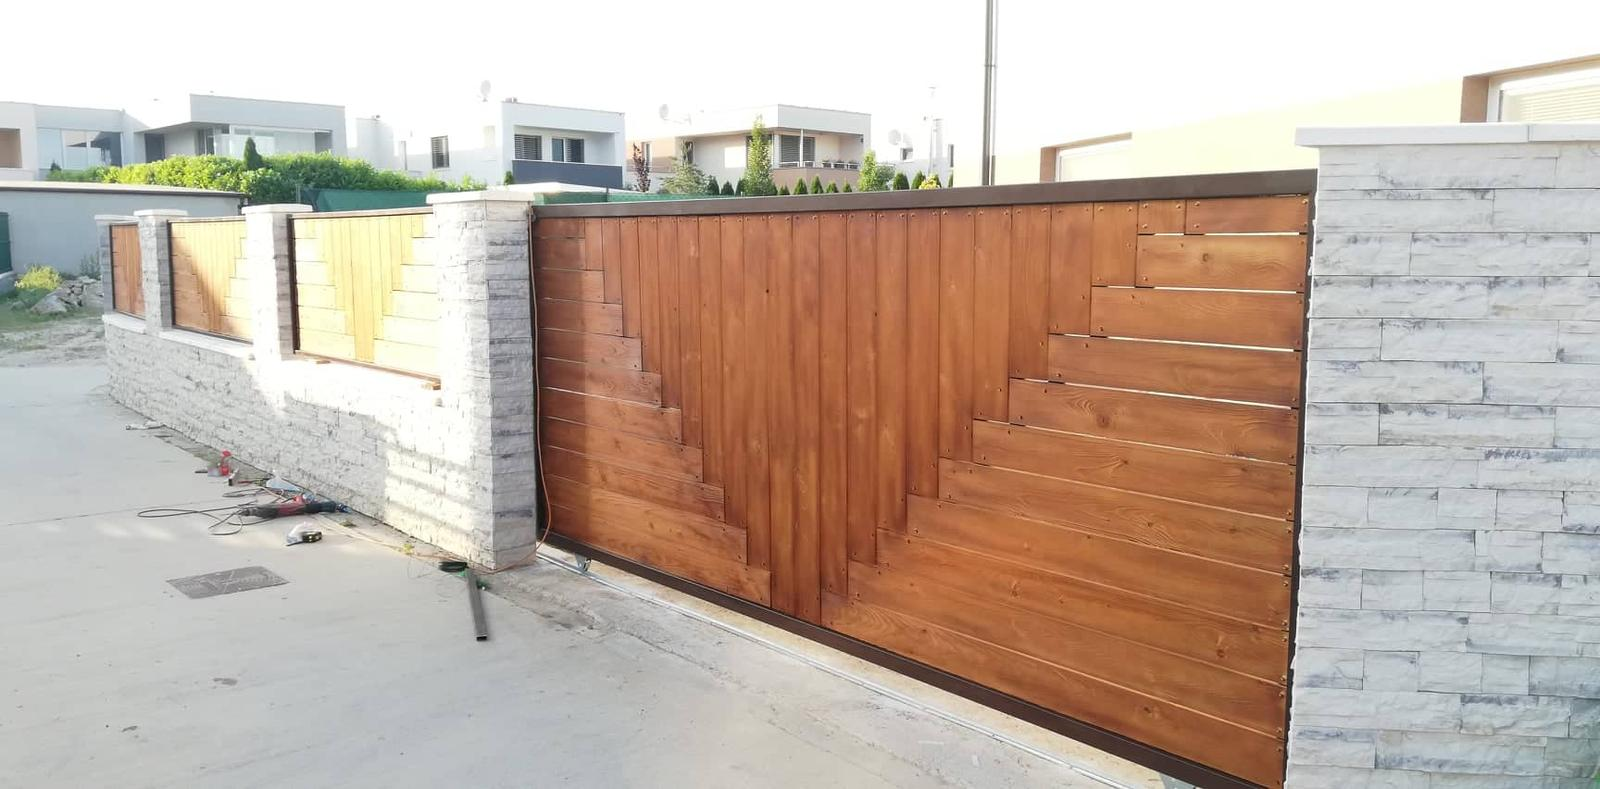 Posuvná brána + plotové výplne. Materiál smrek tzv parketový vzor - Obrázok č. 2